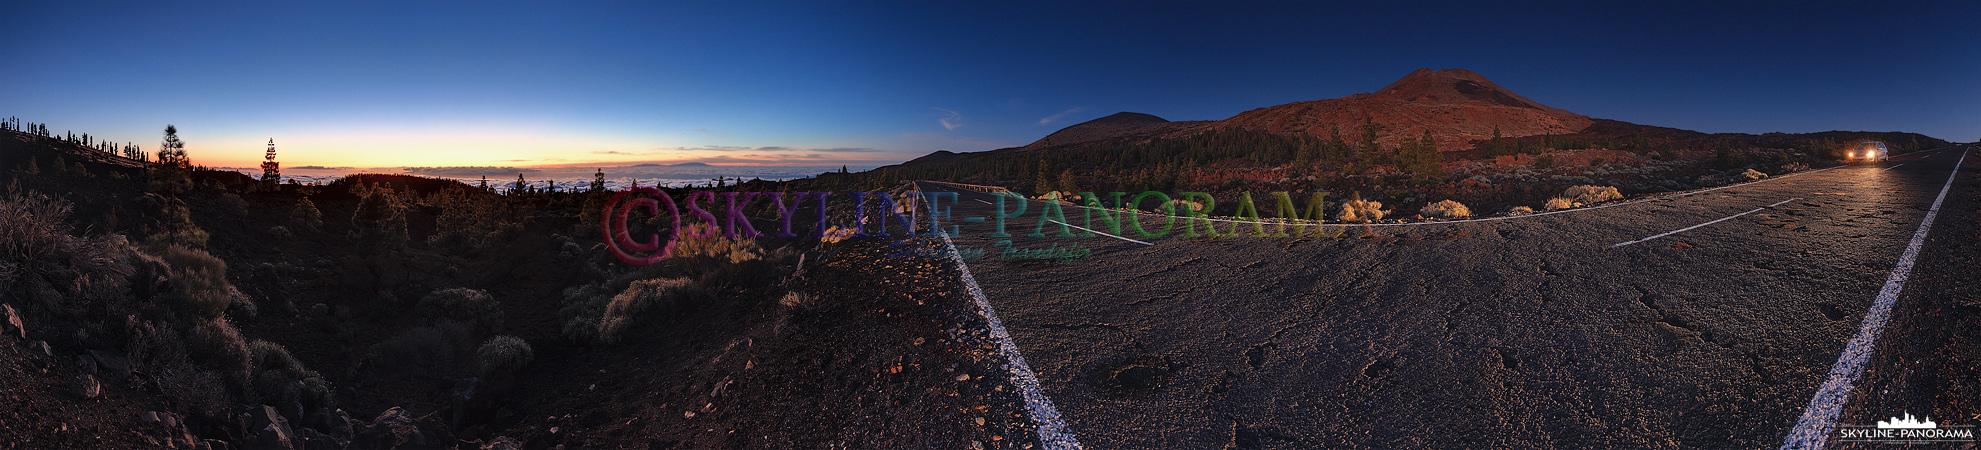 Am Abend unterwegs im Teide Nationalpark auf der Insel Teneriffa - Das Panorama zeigt den Gipfel des über 3700 Meter hohen Teides im Sonnenuntergangsleuchten.